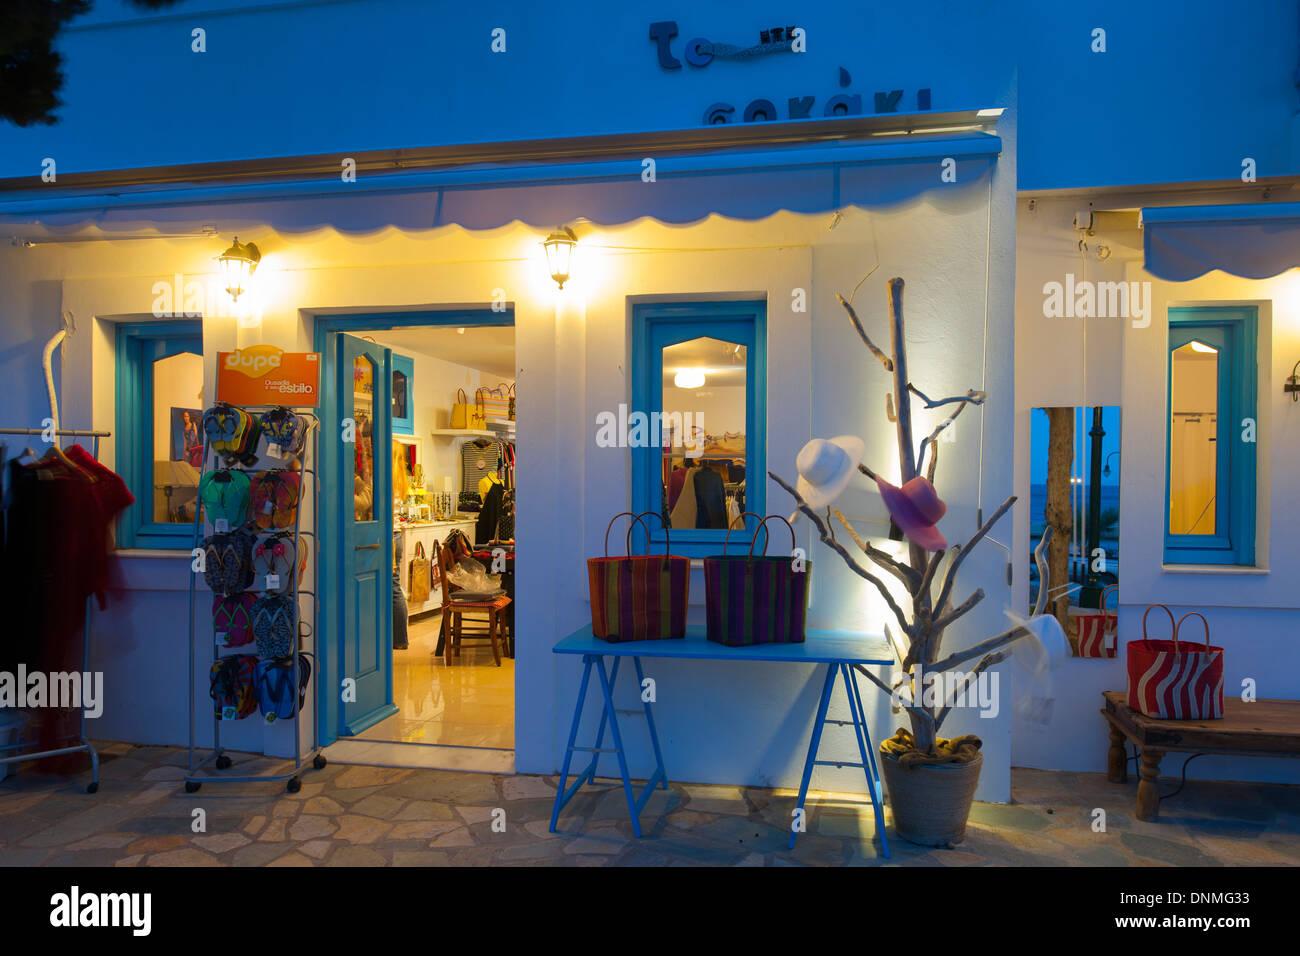 Griechenland, Insel Tilos Hafenort Livadia, Boutique Auf der Platia Stockbild